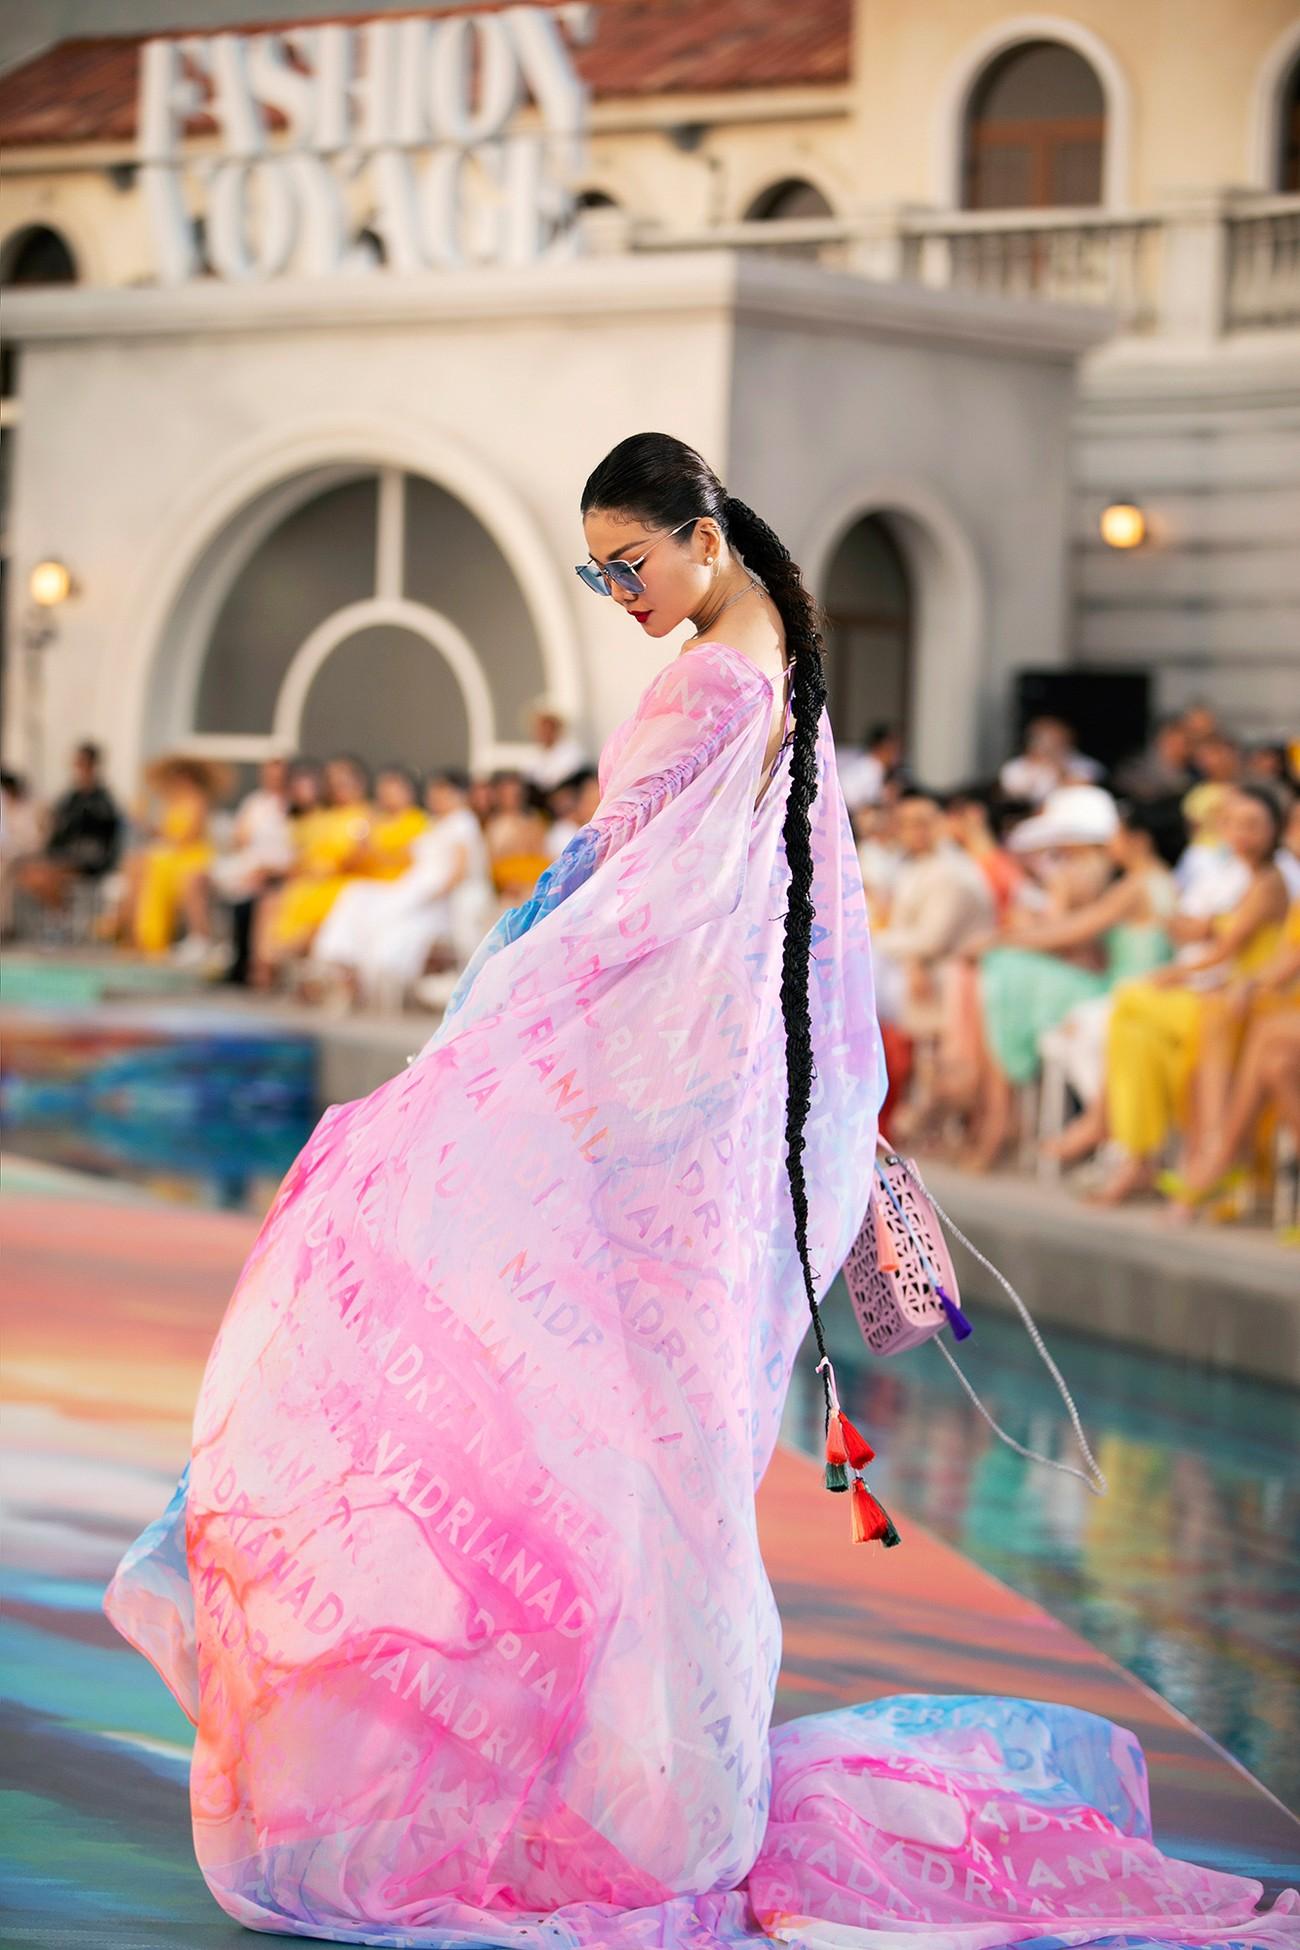 Đỗ Thị Hà diện váy cắt xẻ quyến rũ, đẹp tựa 'nàng thơ' khi catwalk ảnh 13